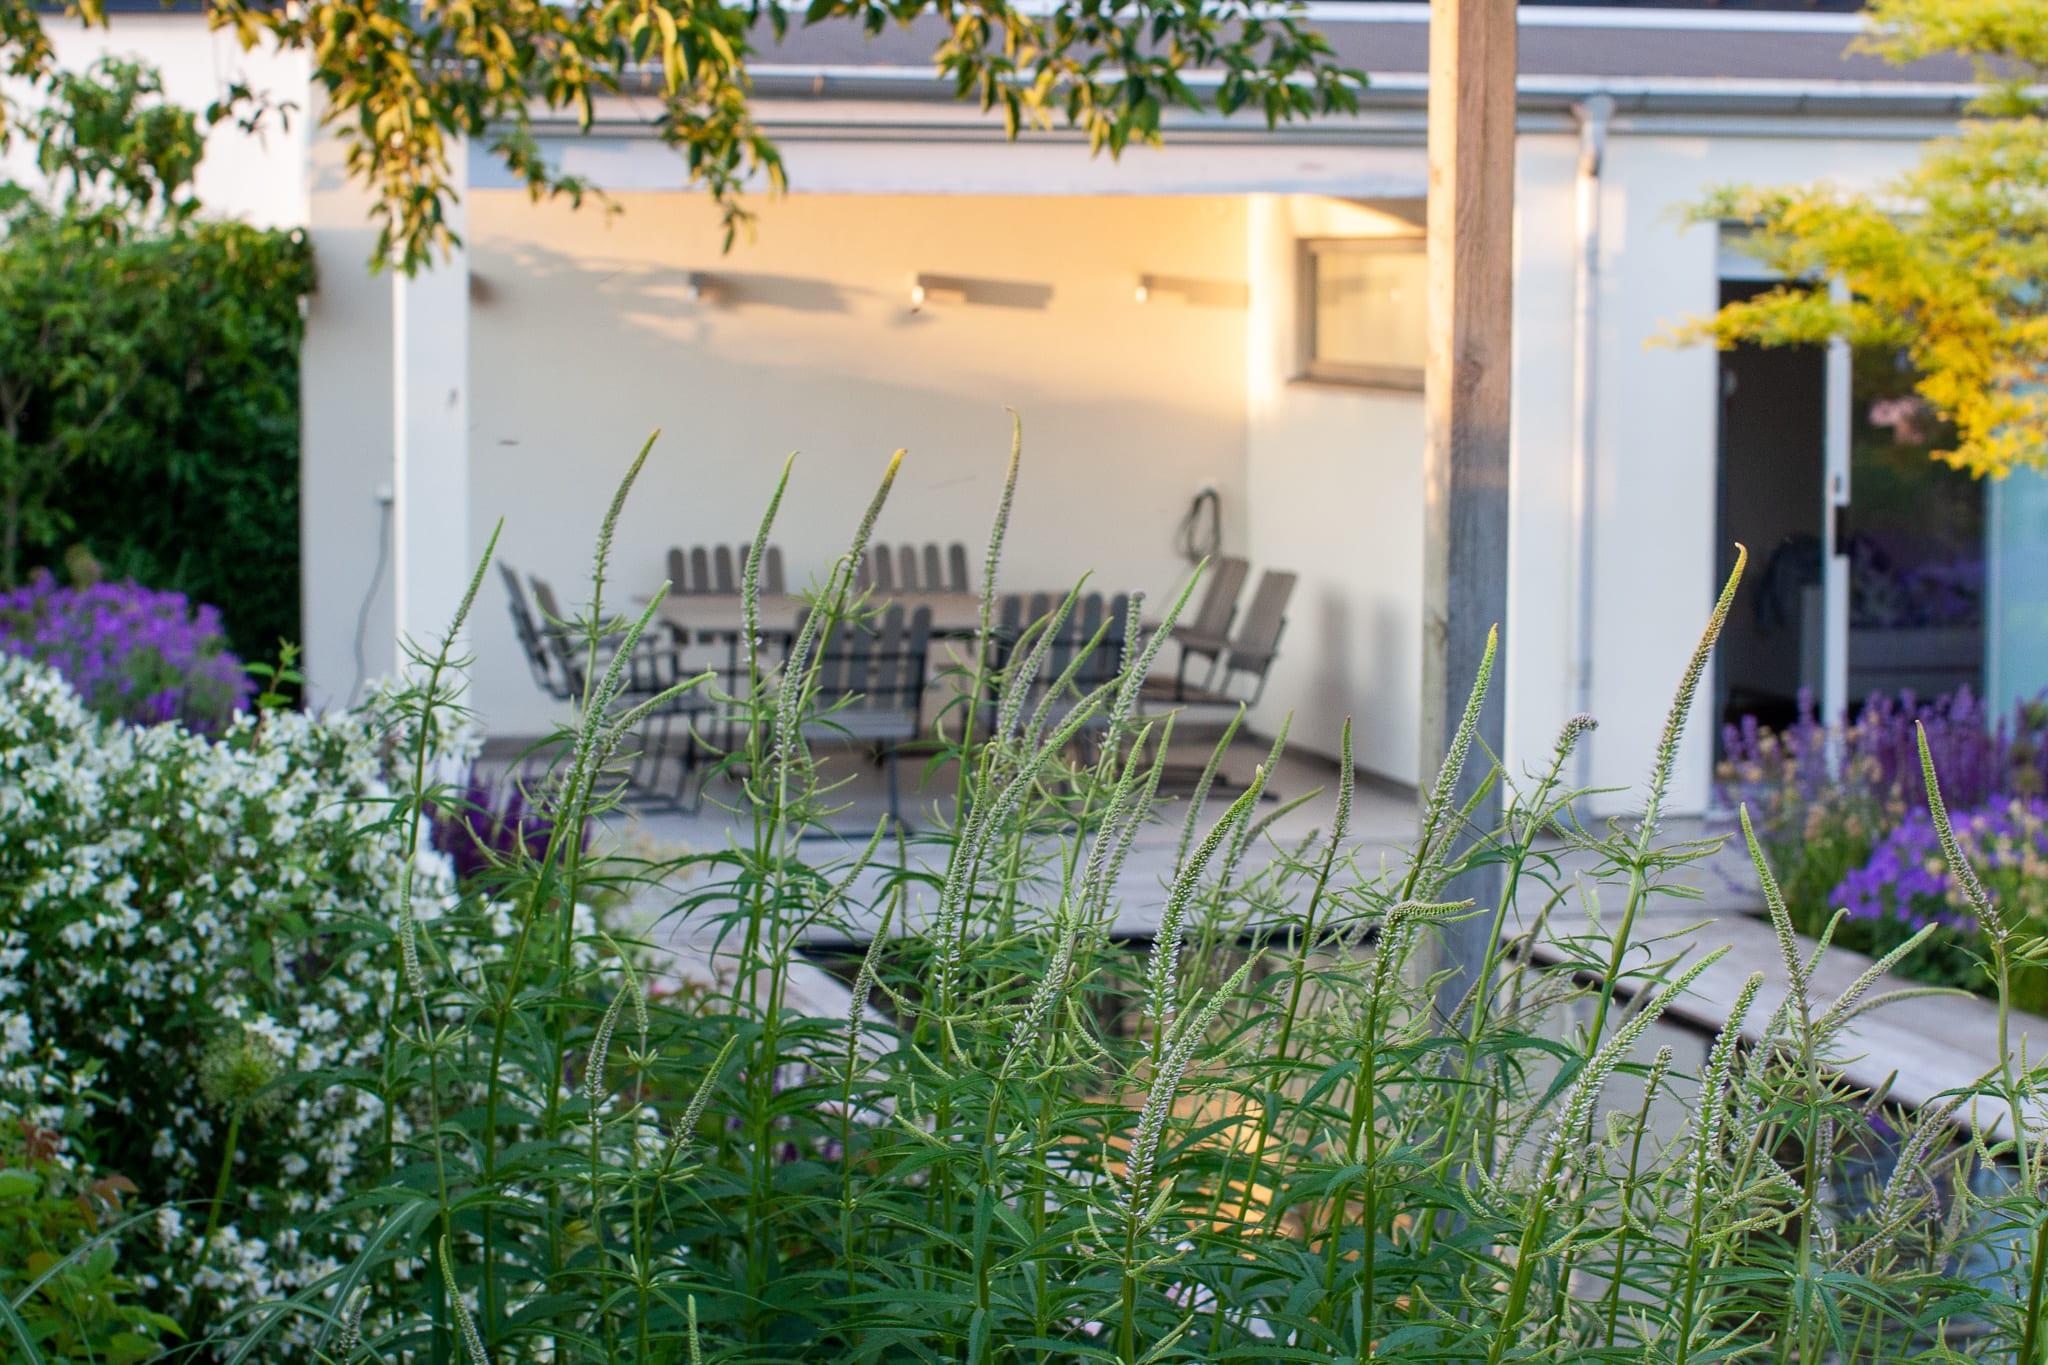 Trädgårdsdesign och arkitekttjänster, Levins Trädgård och Design.